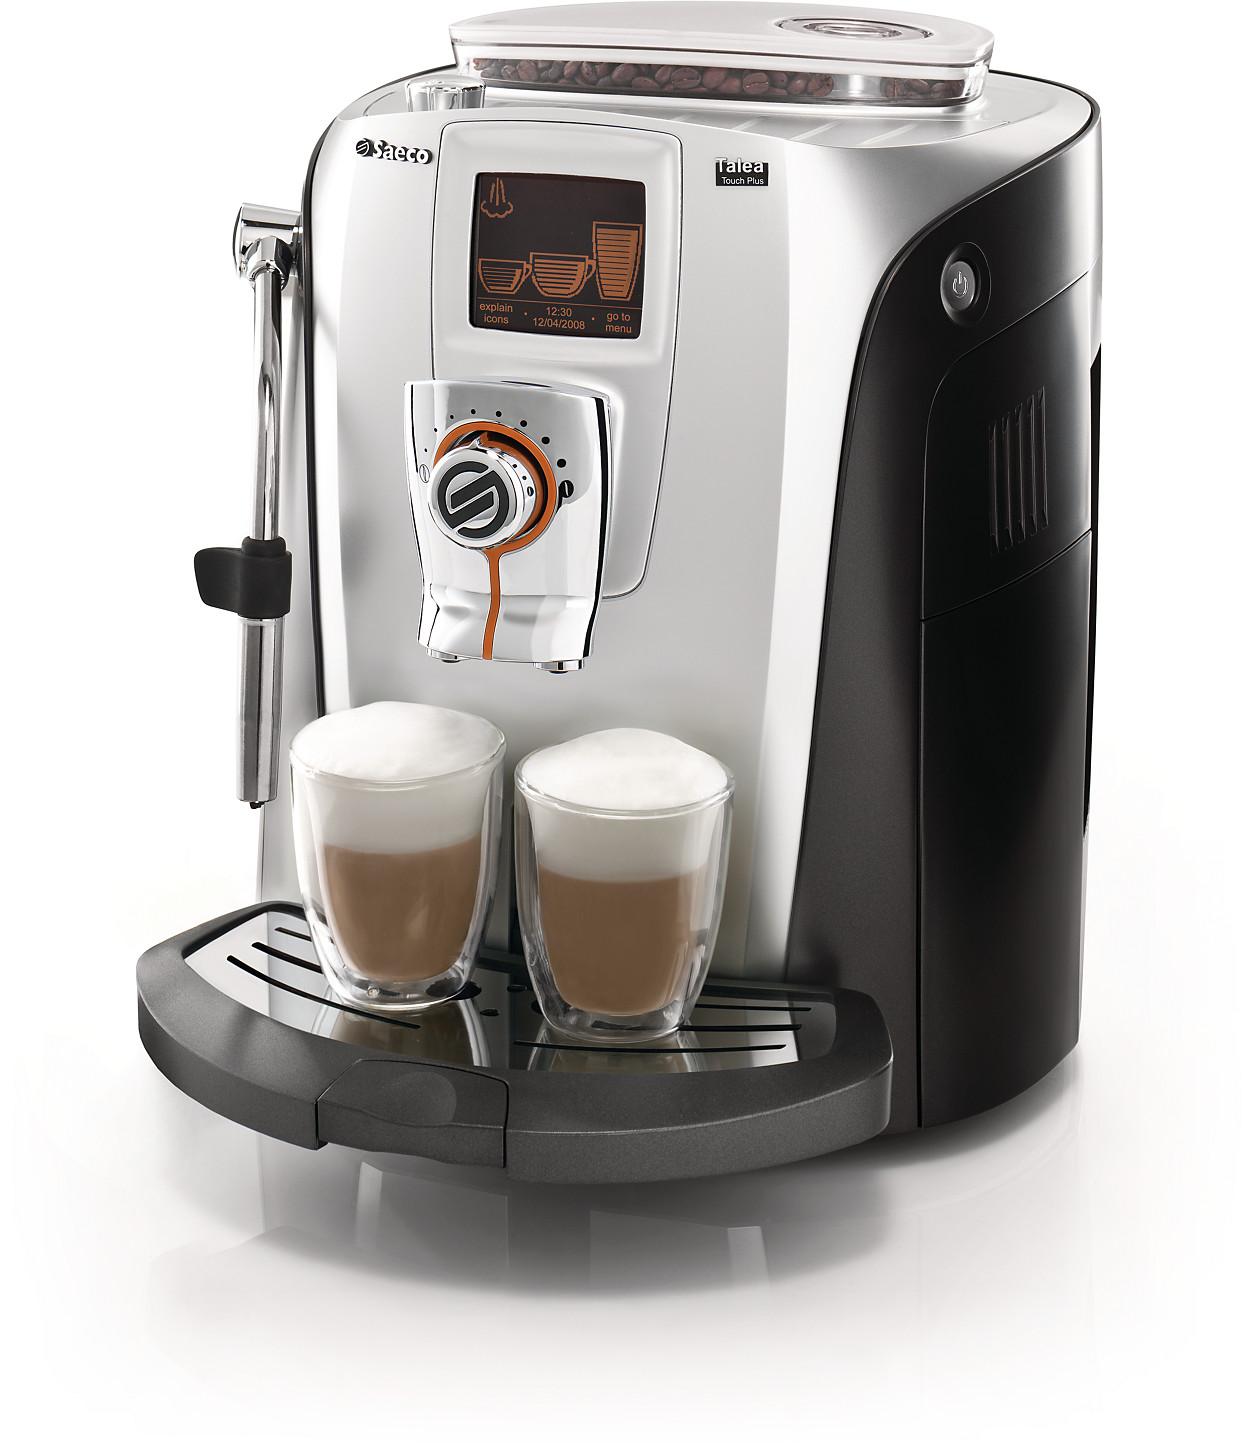 talea super automatic espresso machine ri9828 47 saeco. Black Bedroom Furniture Sets. Home Design Ideas